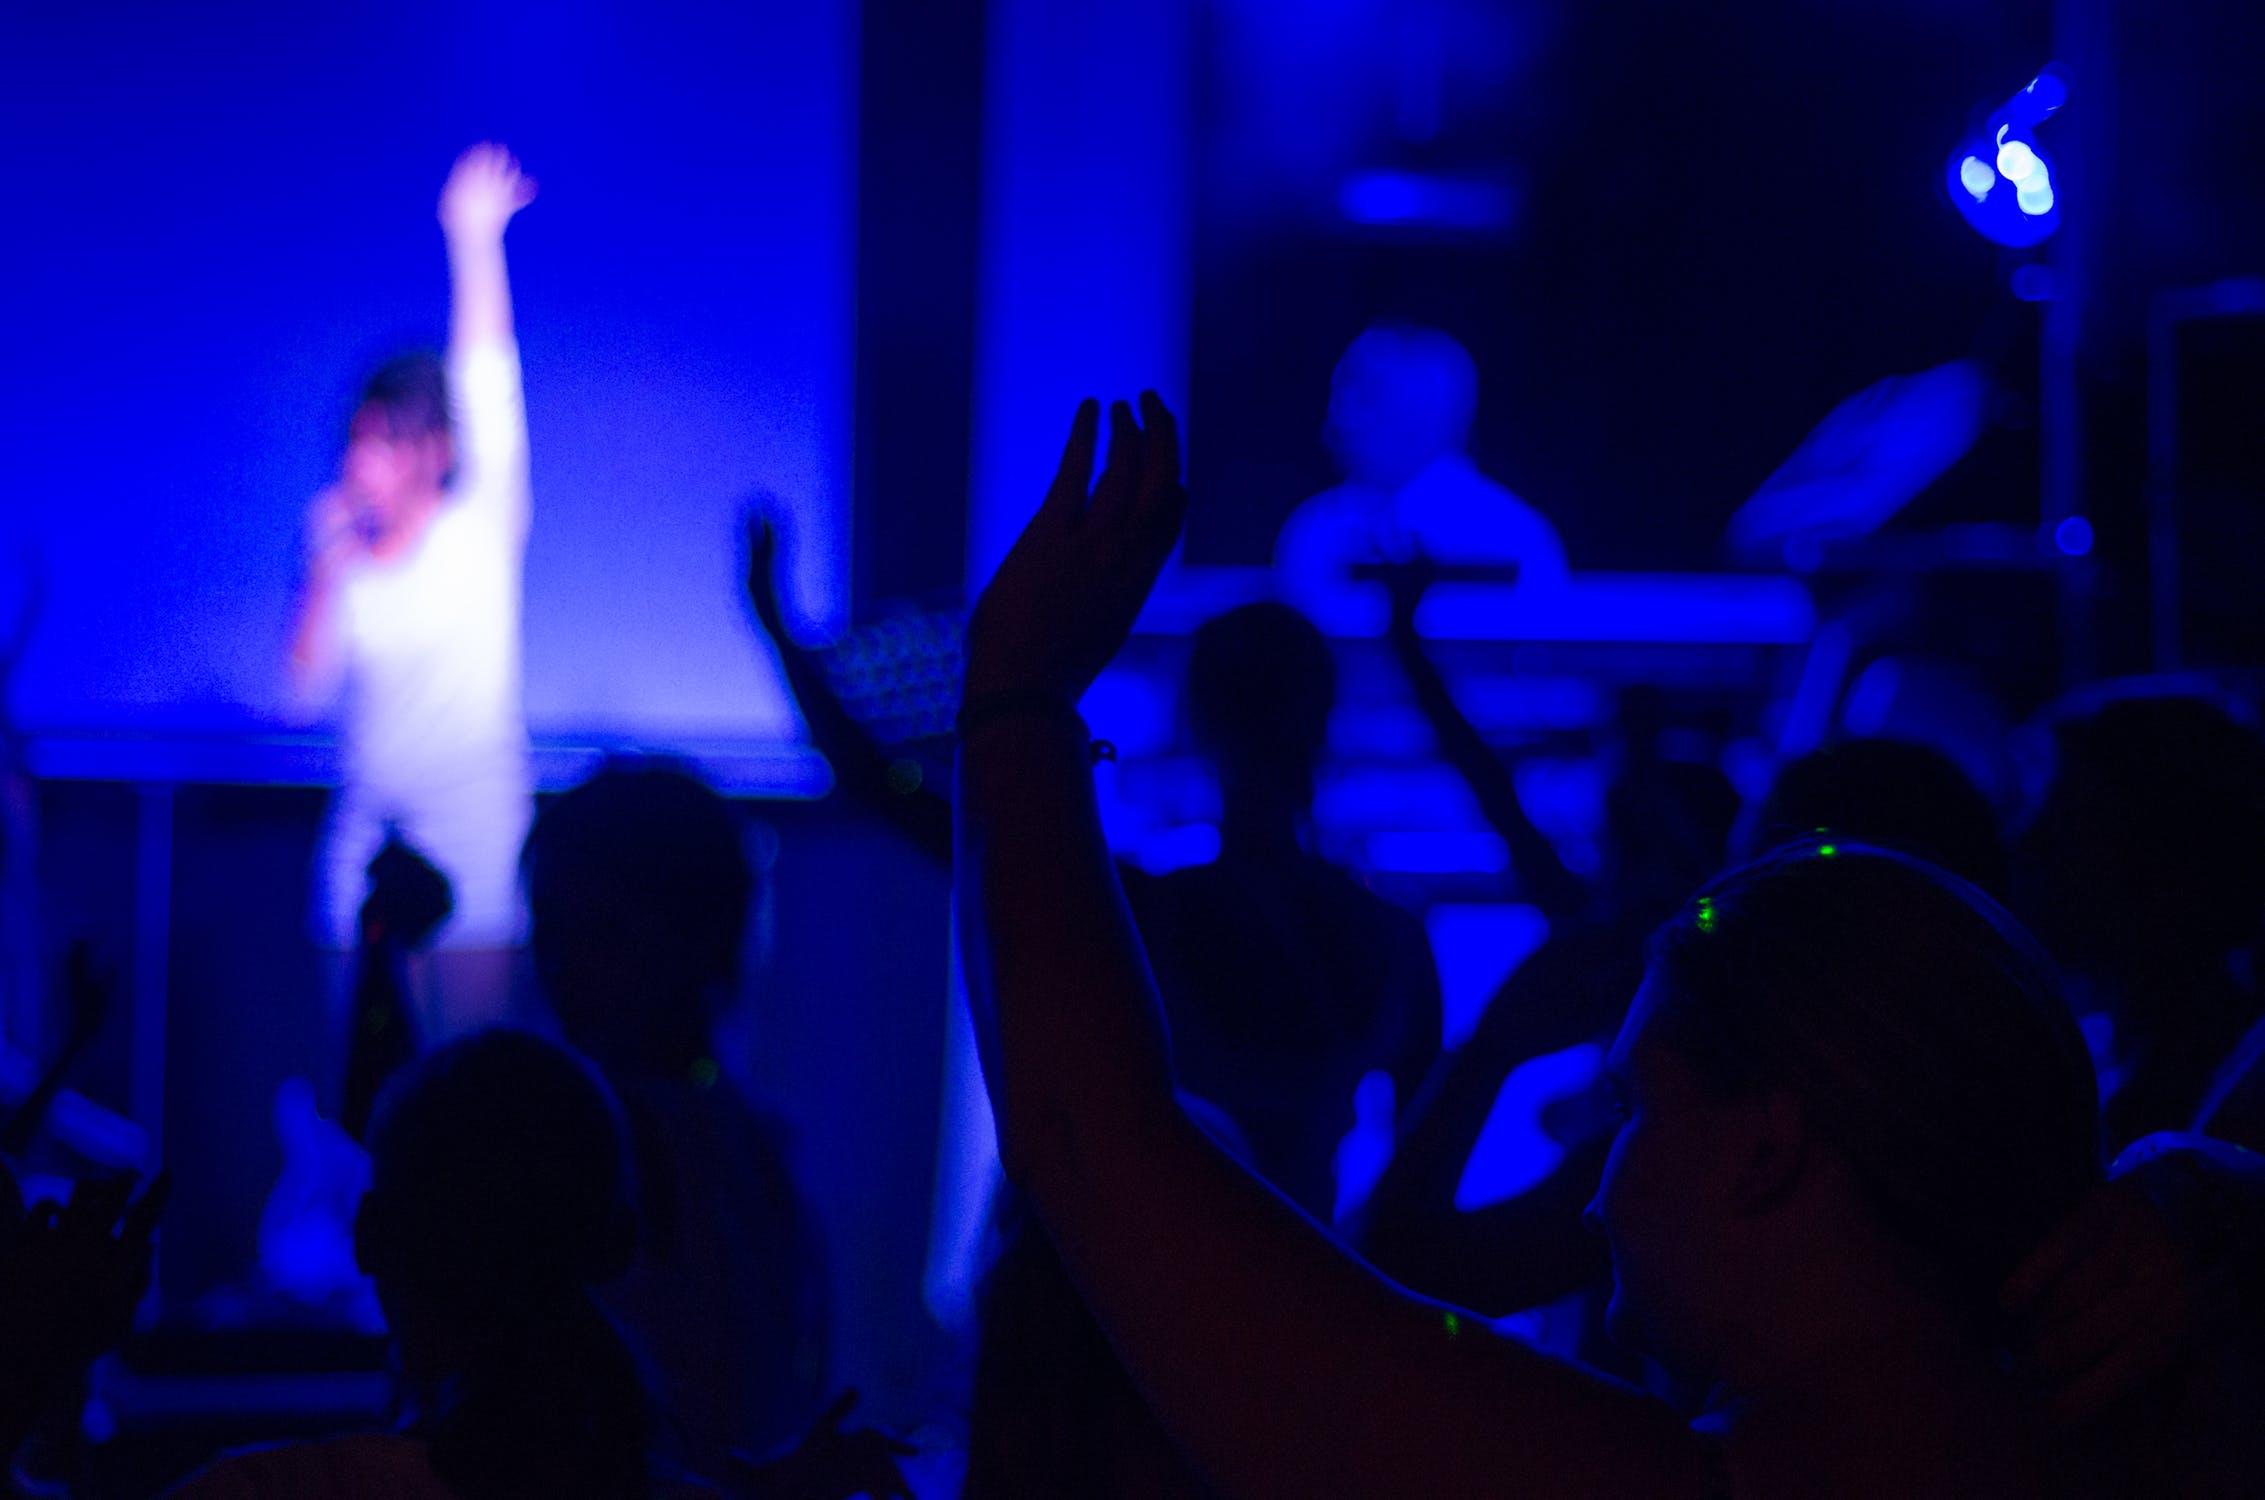 concert-cheering-people-guitar-597056